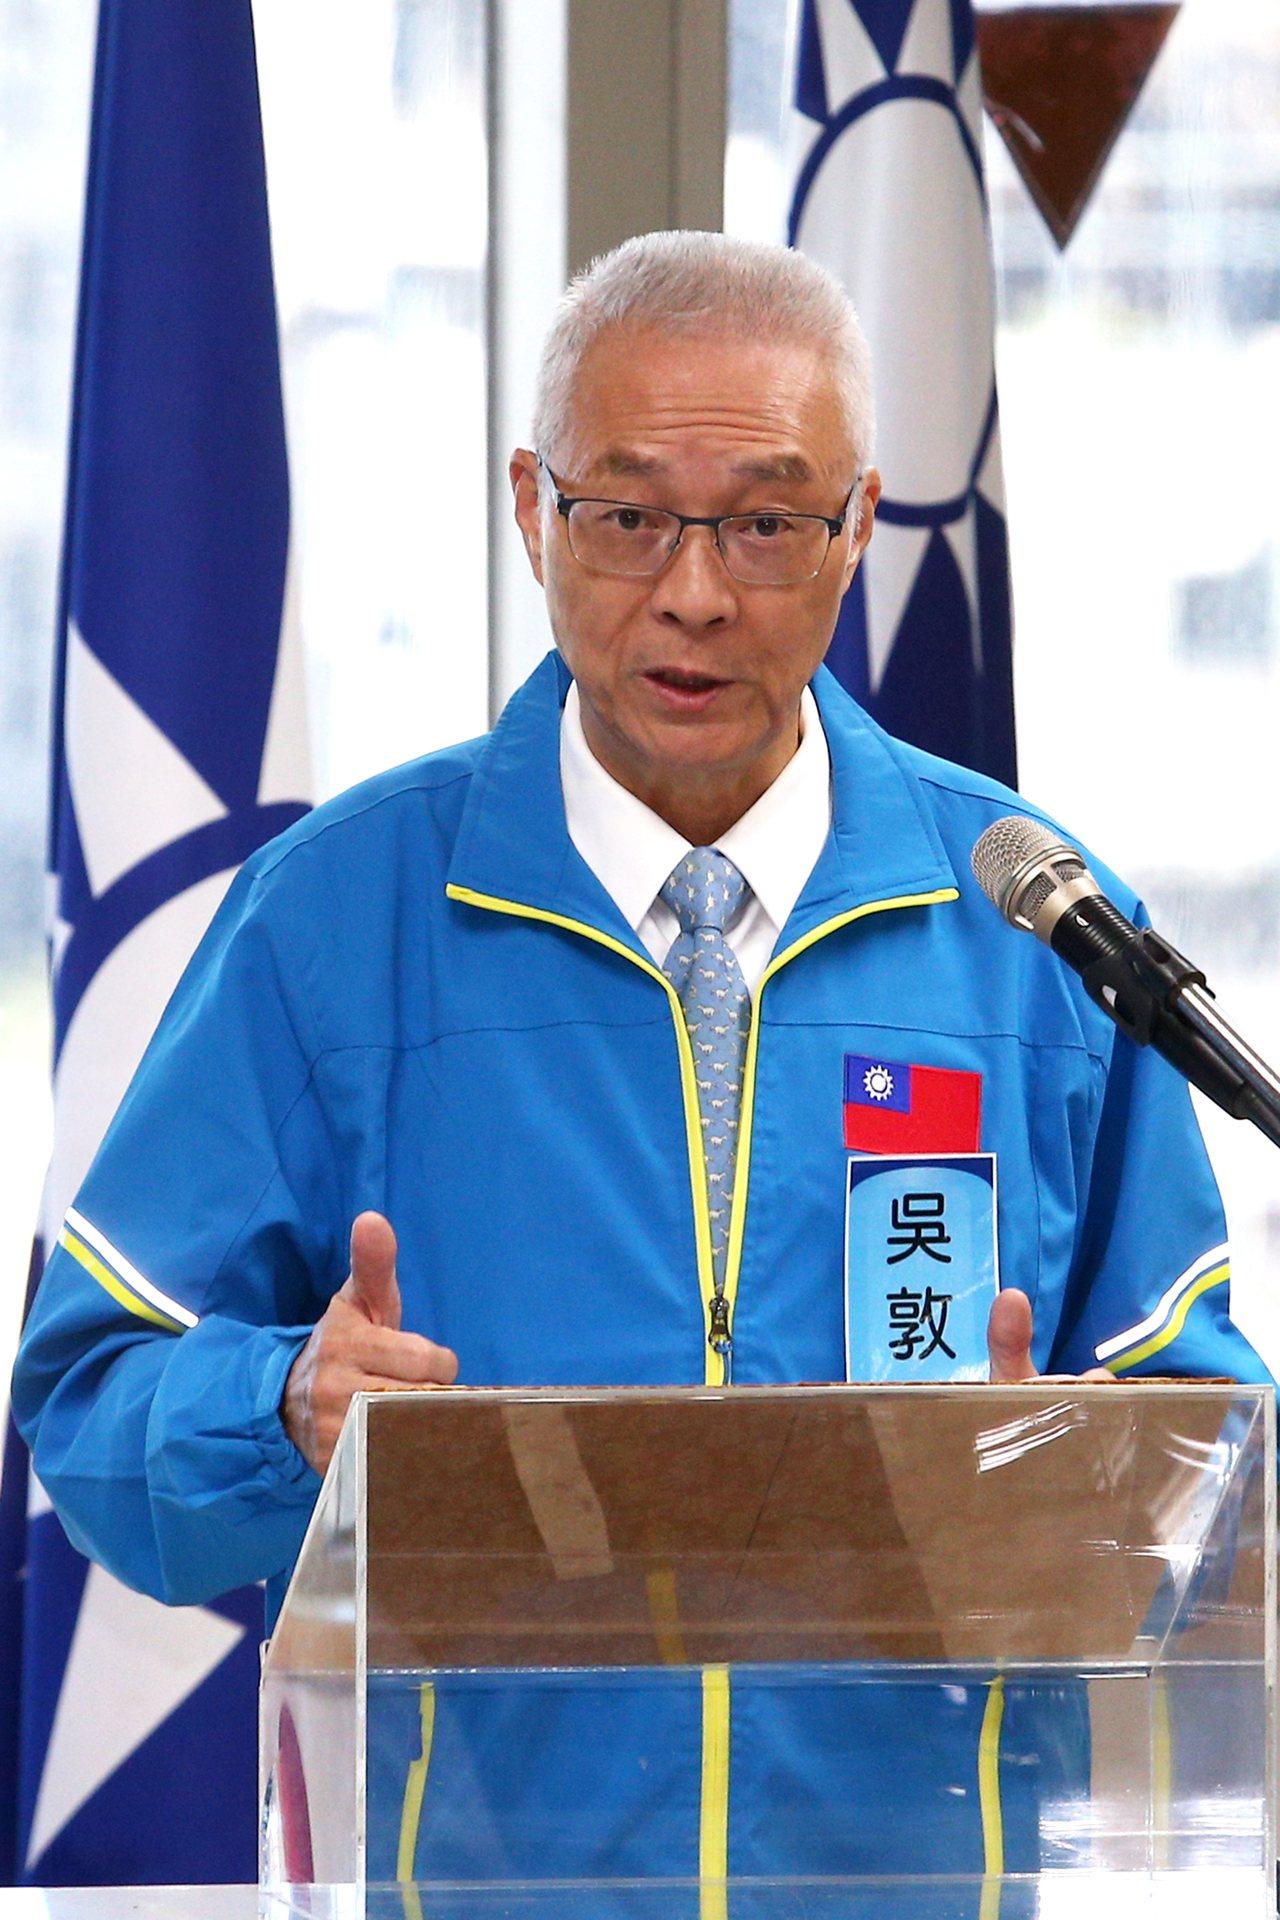 國民黨黨主席吳敦義上午主持不分區立委提名名單行使同意權投票,僅排名第17的張顯耀...